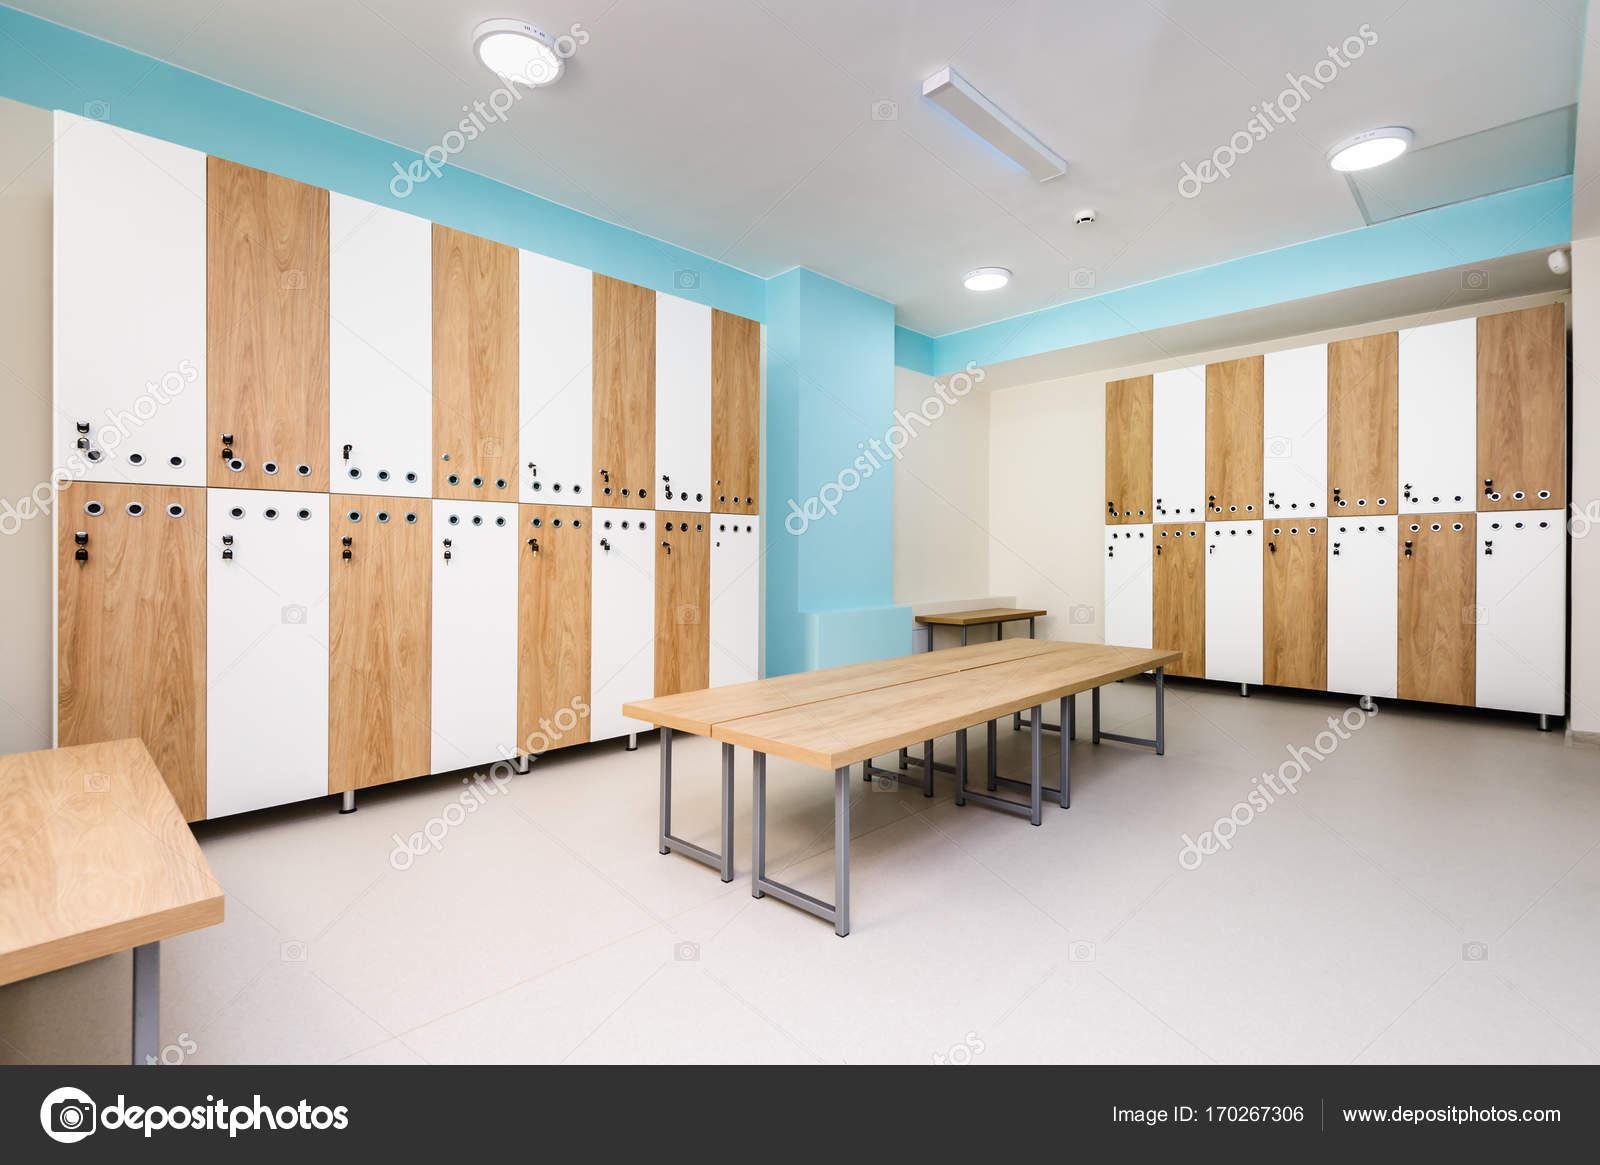 Interior of gym locker room u2014 stock photo © starush #170267306